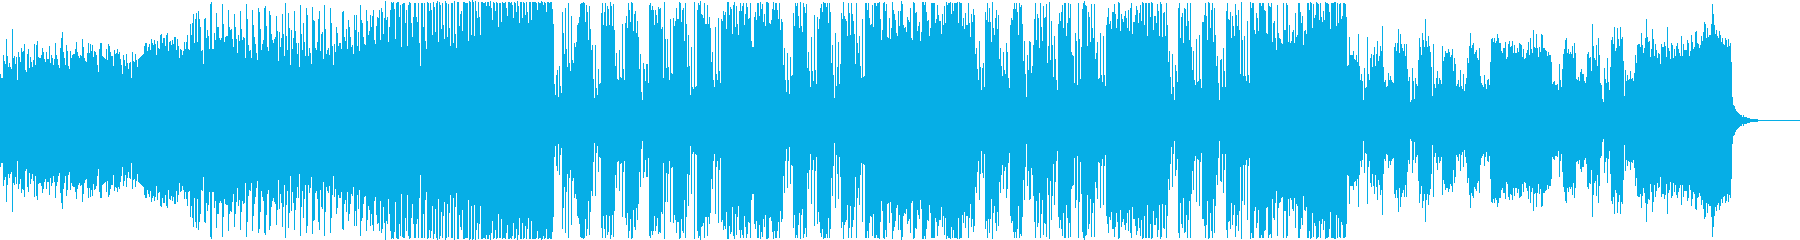 企業VP、CM系EDM 3の再生済みの波形